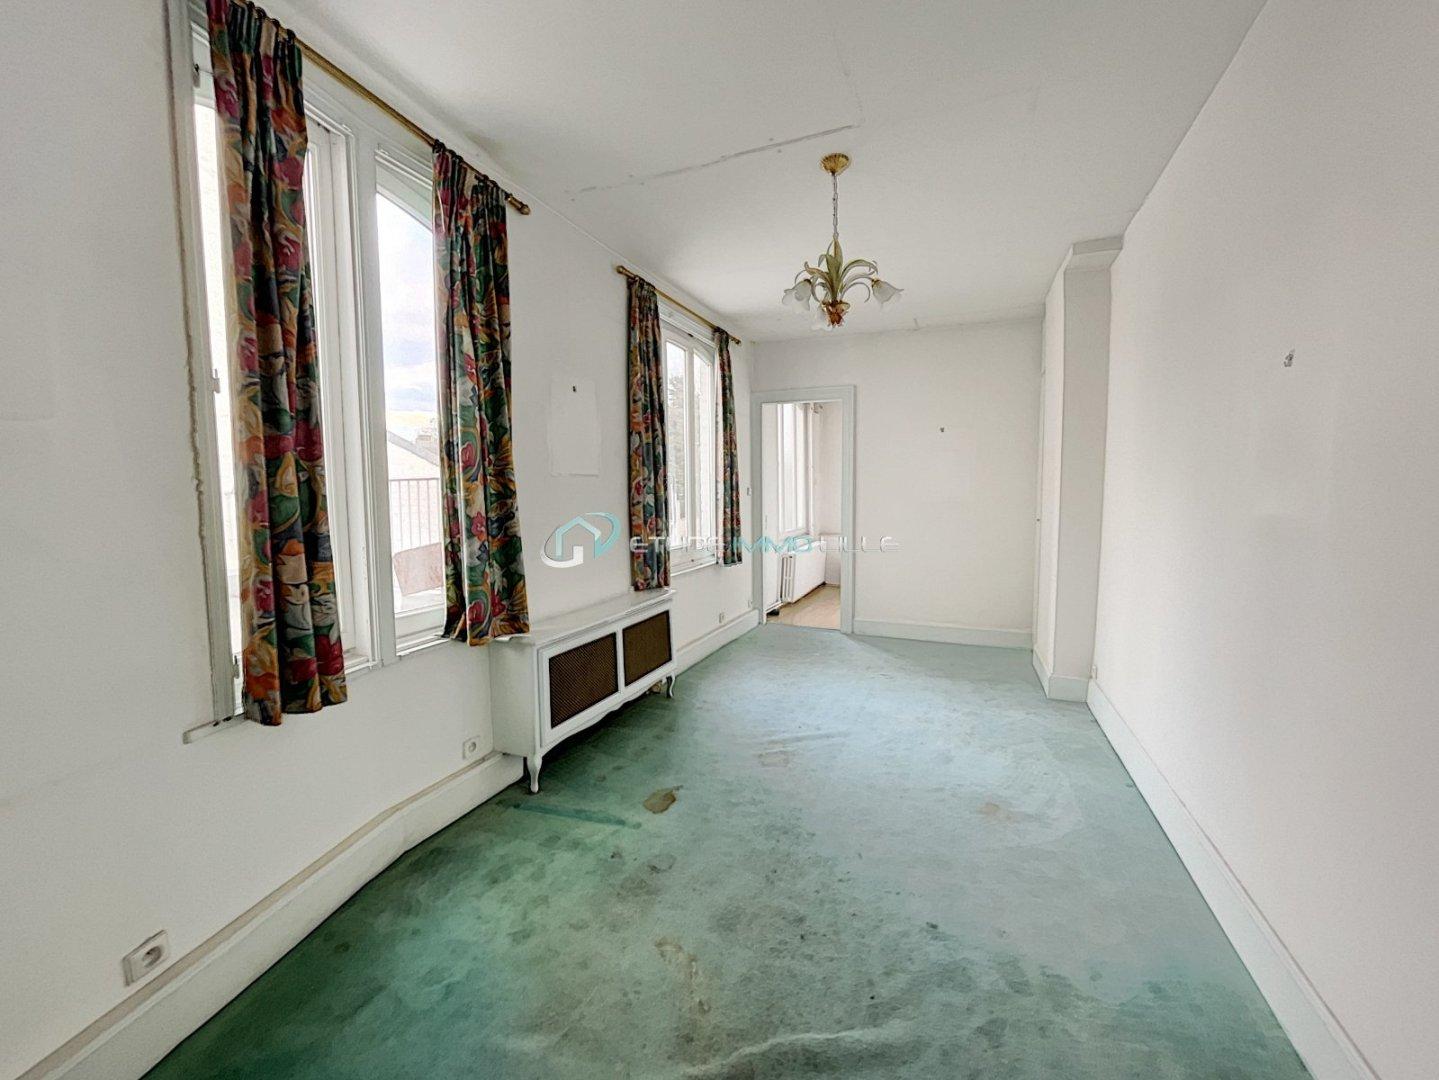 STUDIO A VENDRE - LILLE VAUBAN - 21,54 m2 - 146000 €